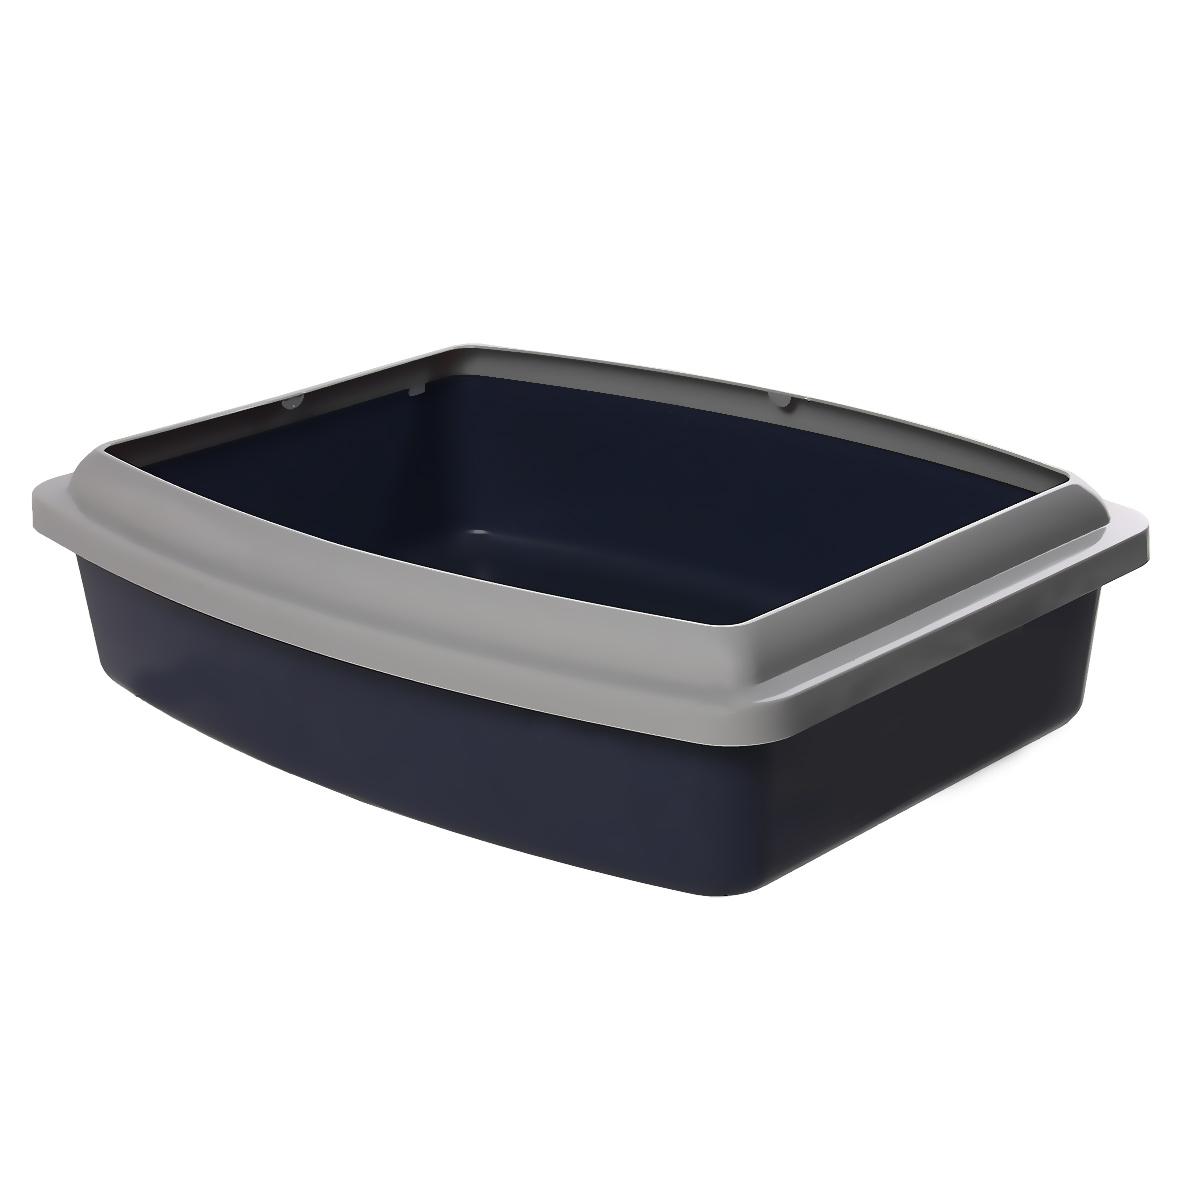 Туалет для кошек Savic Oval Trays Jumbo, с бортом, цвет: темно-синий, серый, 56 х 44 см0120710Туалет для кошек Savic Oval Trays Jumbo изготовлен из качественного прочного пластика. Высокий цветной борт, прикрепленный по периметру лотка, удобно защелкивается и предотвращает разбрасывание наполнителя.Это самый простой в употреблении предмет обихода для кошек и котов.